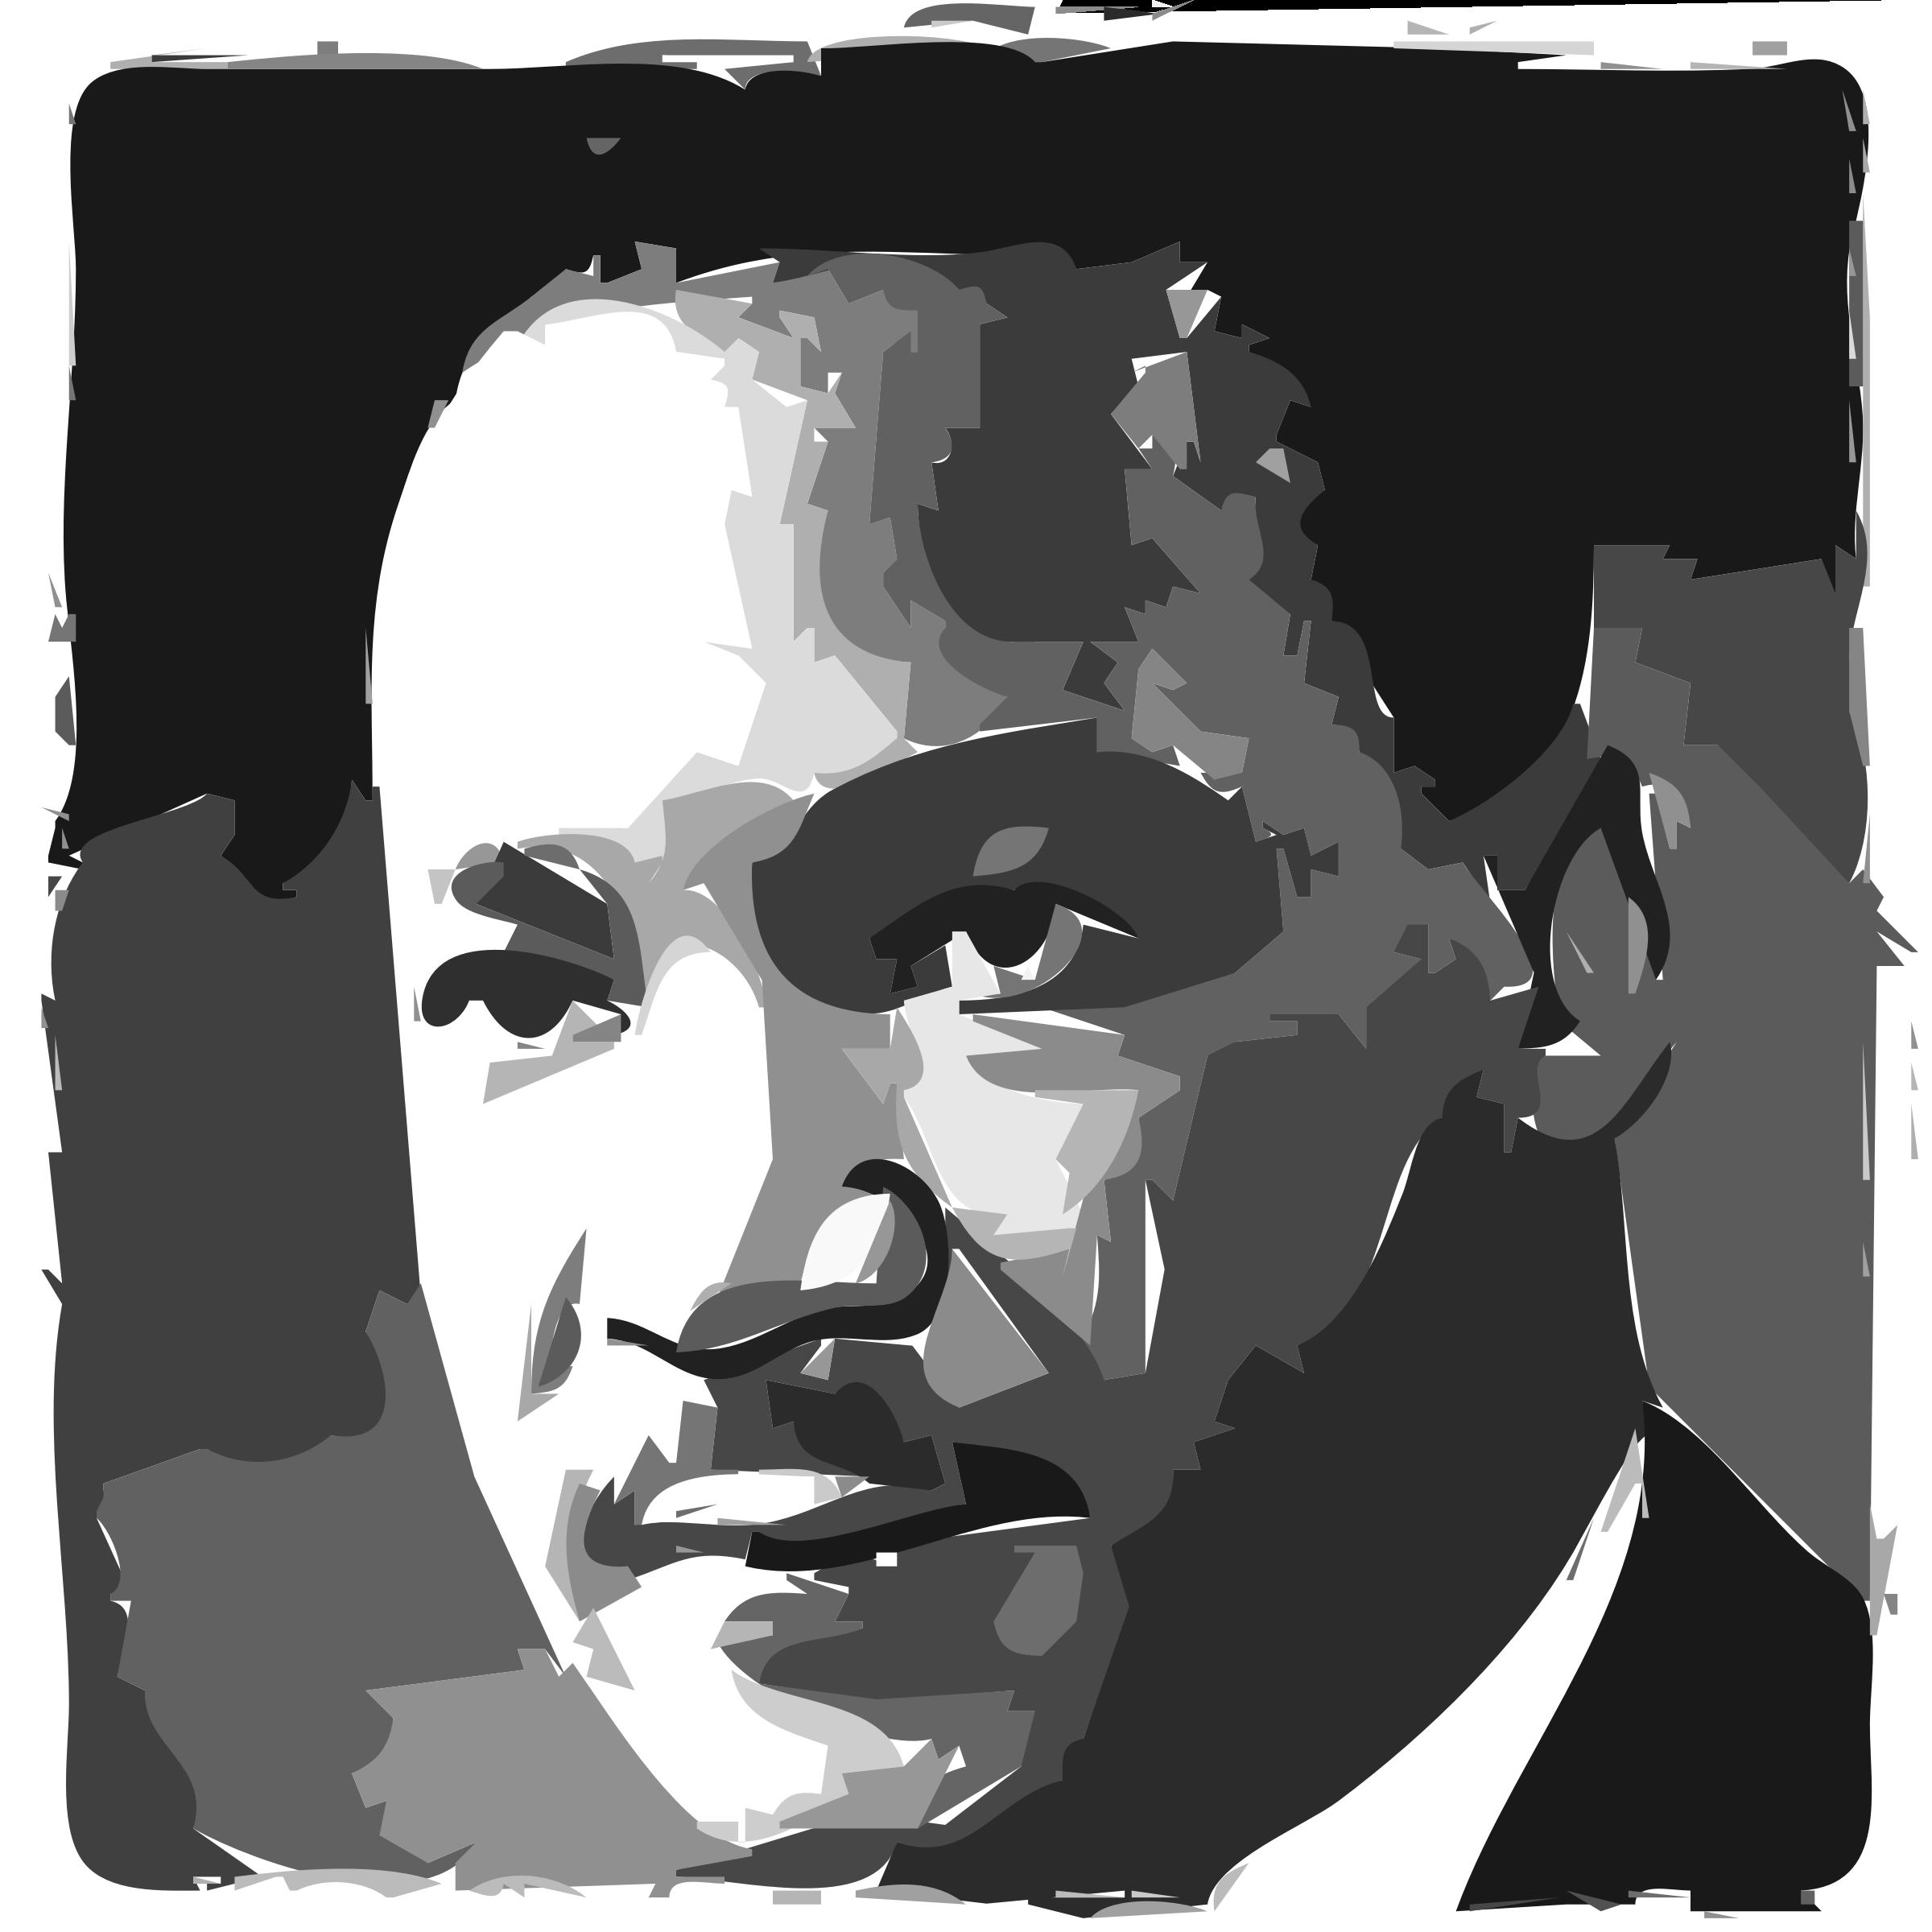 png transparent download Martin luther king jr. Mlk clipart illustration